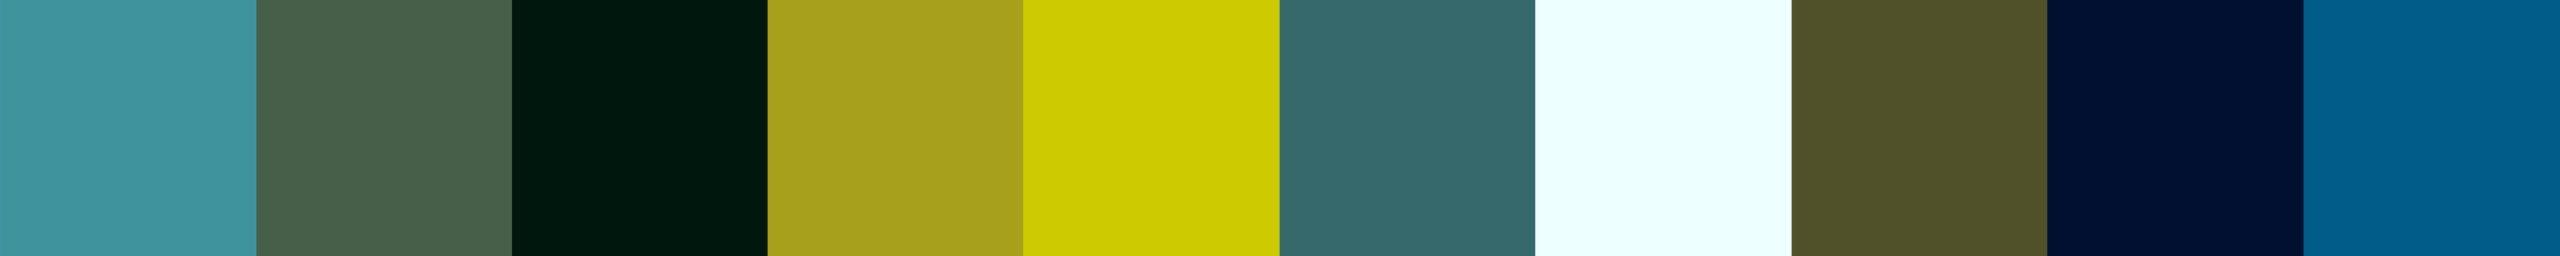 290 Jewouta Color Palette